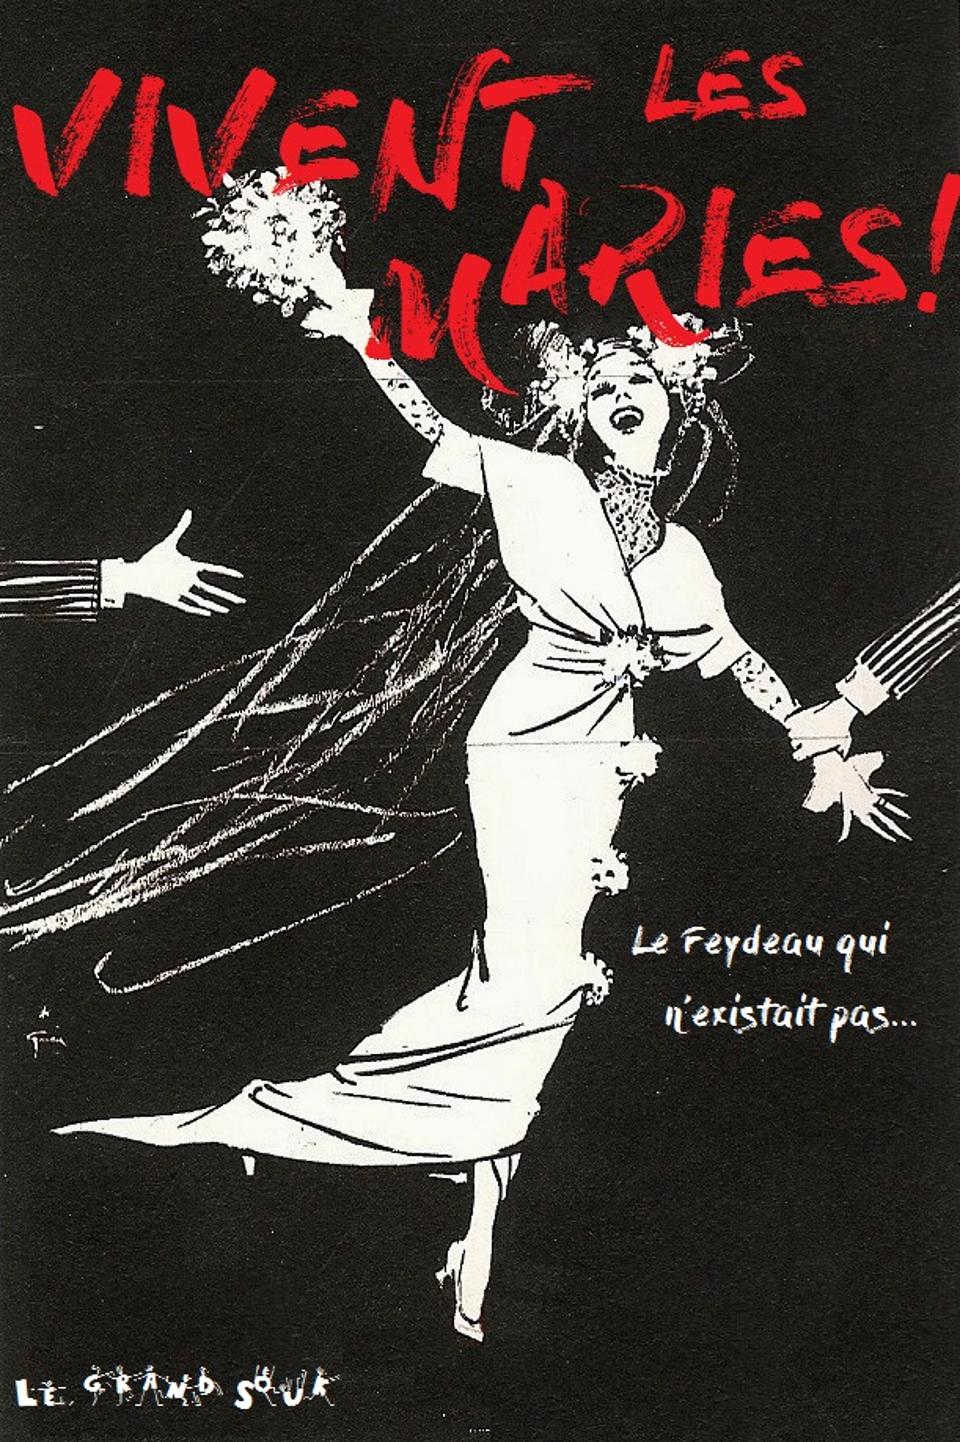 affiche_vivent_les_maries_web